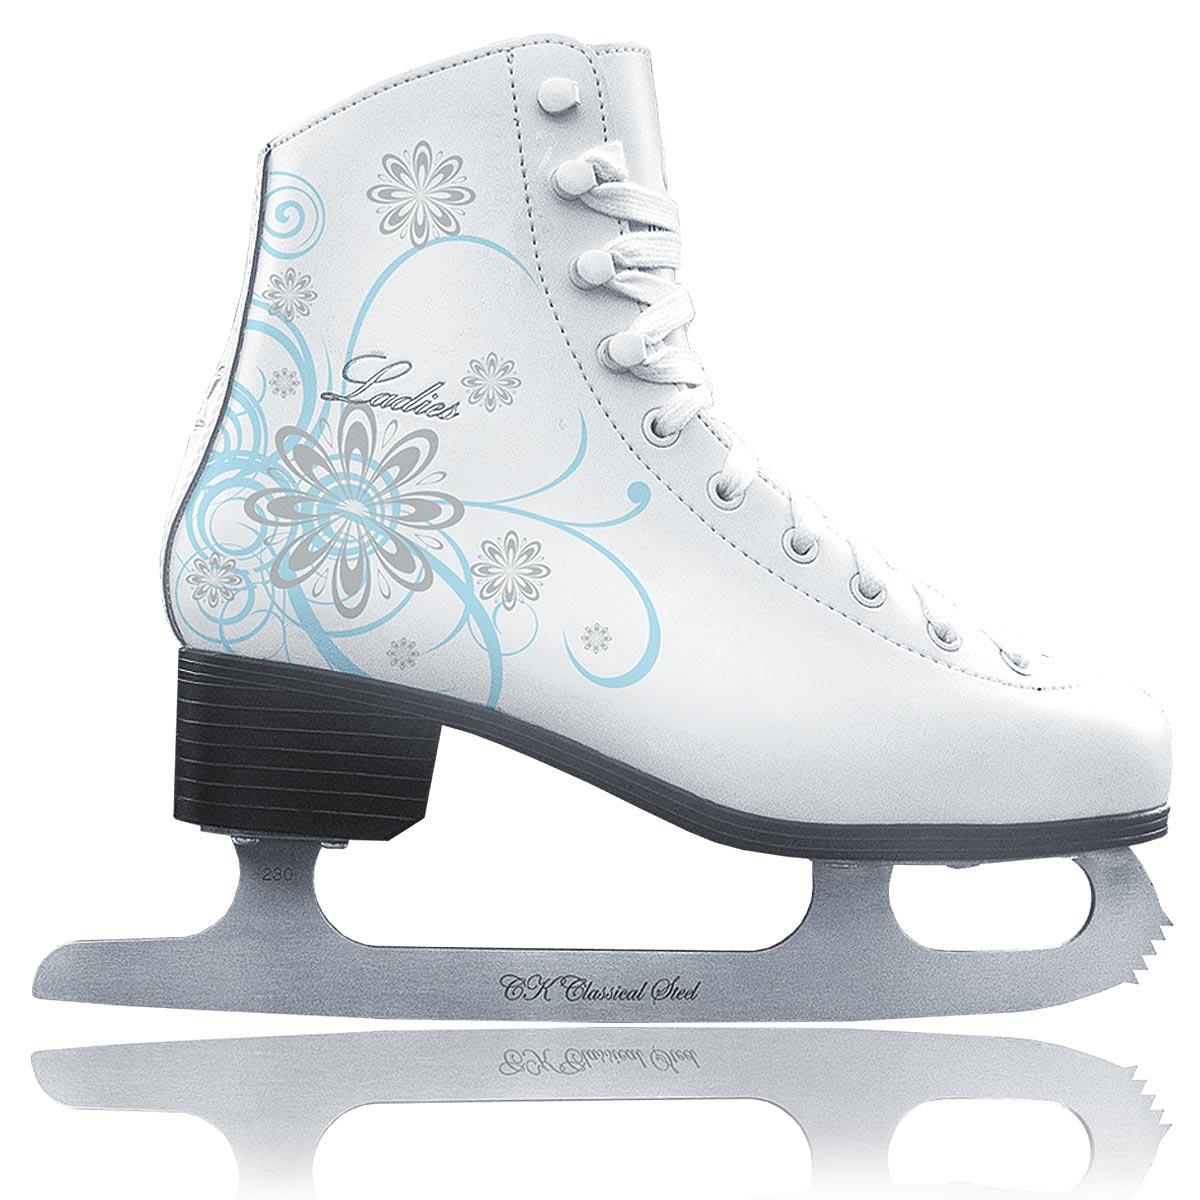 Коньки фигурные для девочки CK Ladies Velvet Classic, цвет: белый, голубой, серебряный. Размер 30Ladies Velvet Classic_белый, голубой, серебряный_30